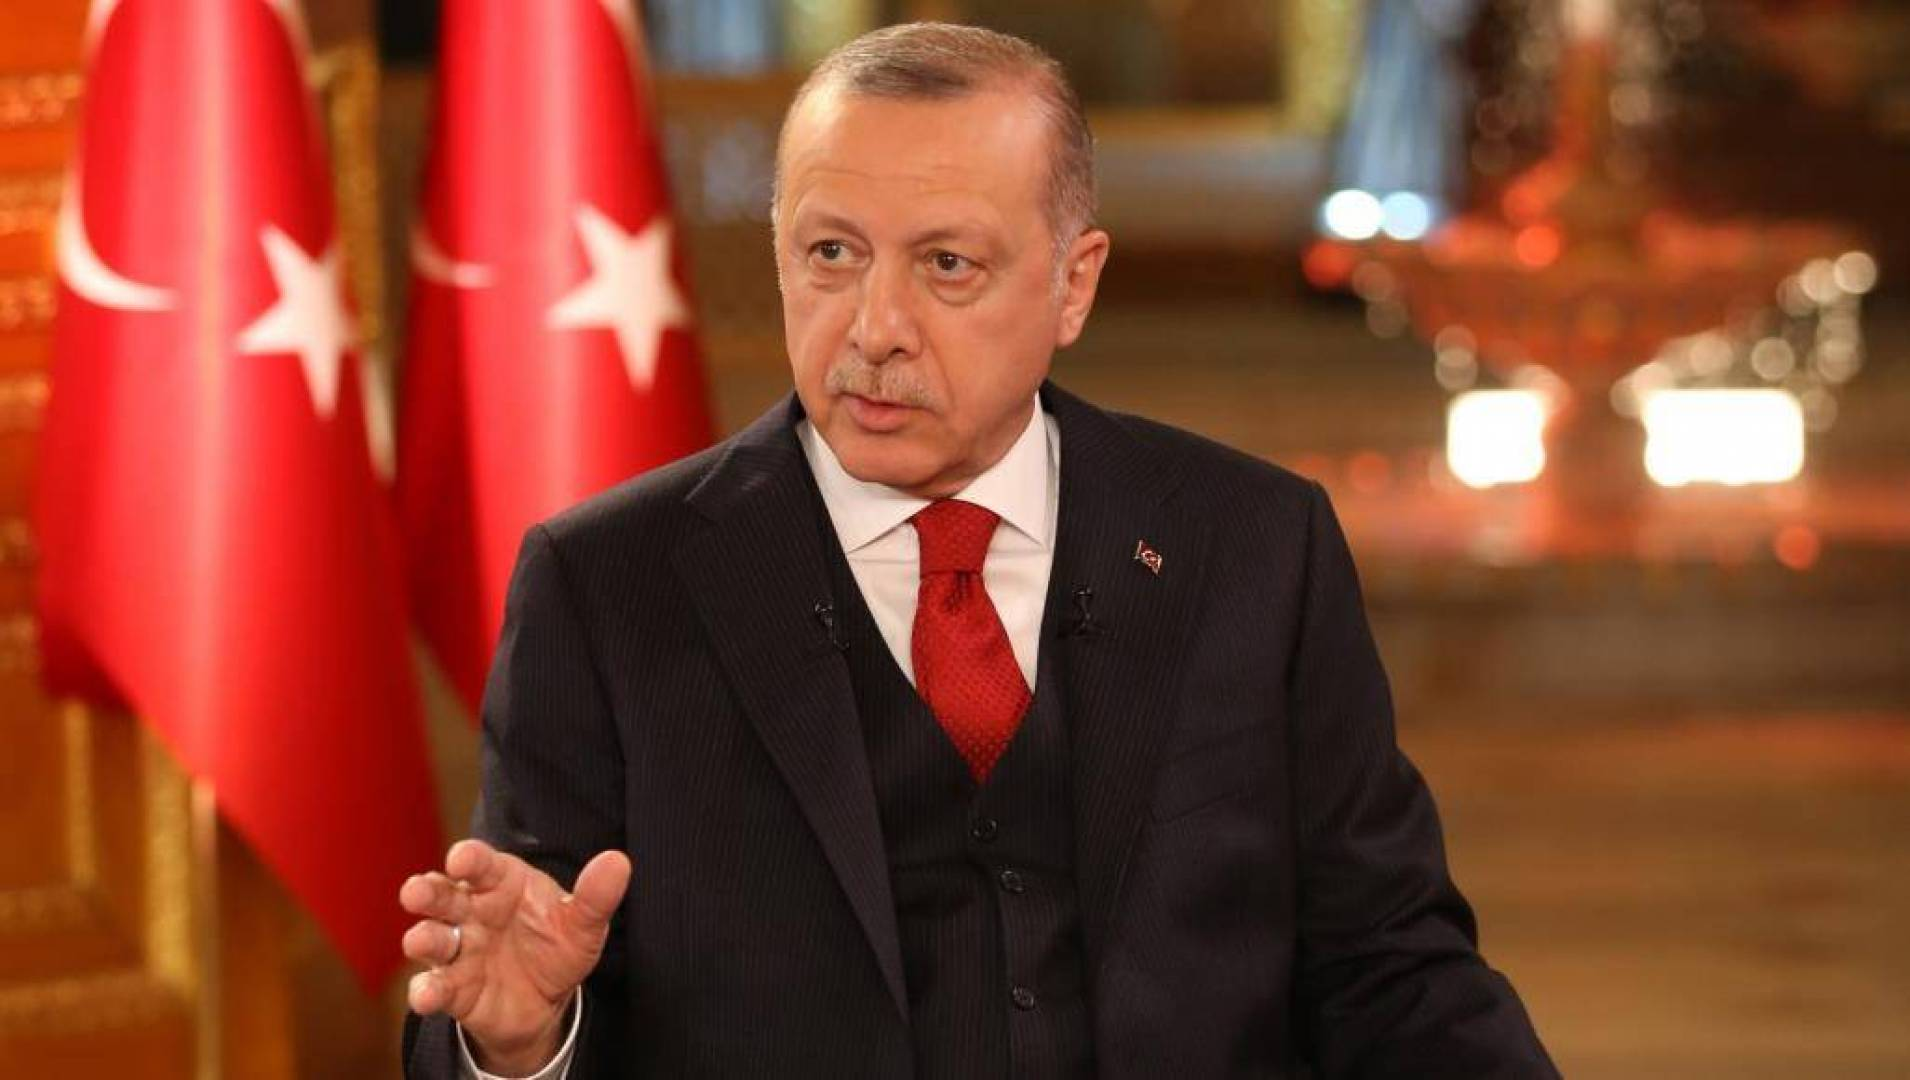 أردوغان يعلن بدء العملية التركية العسكرية في شمال سوريا